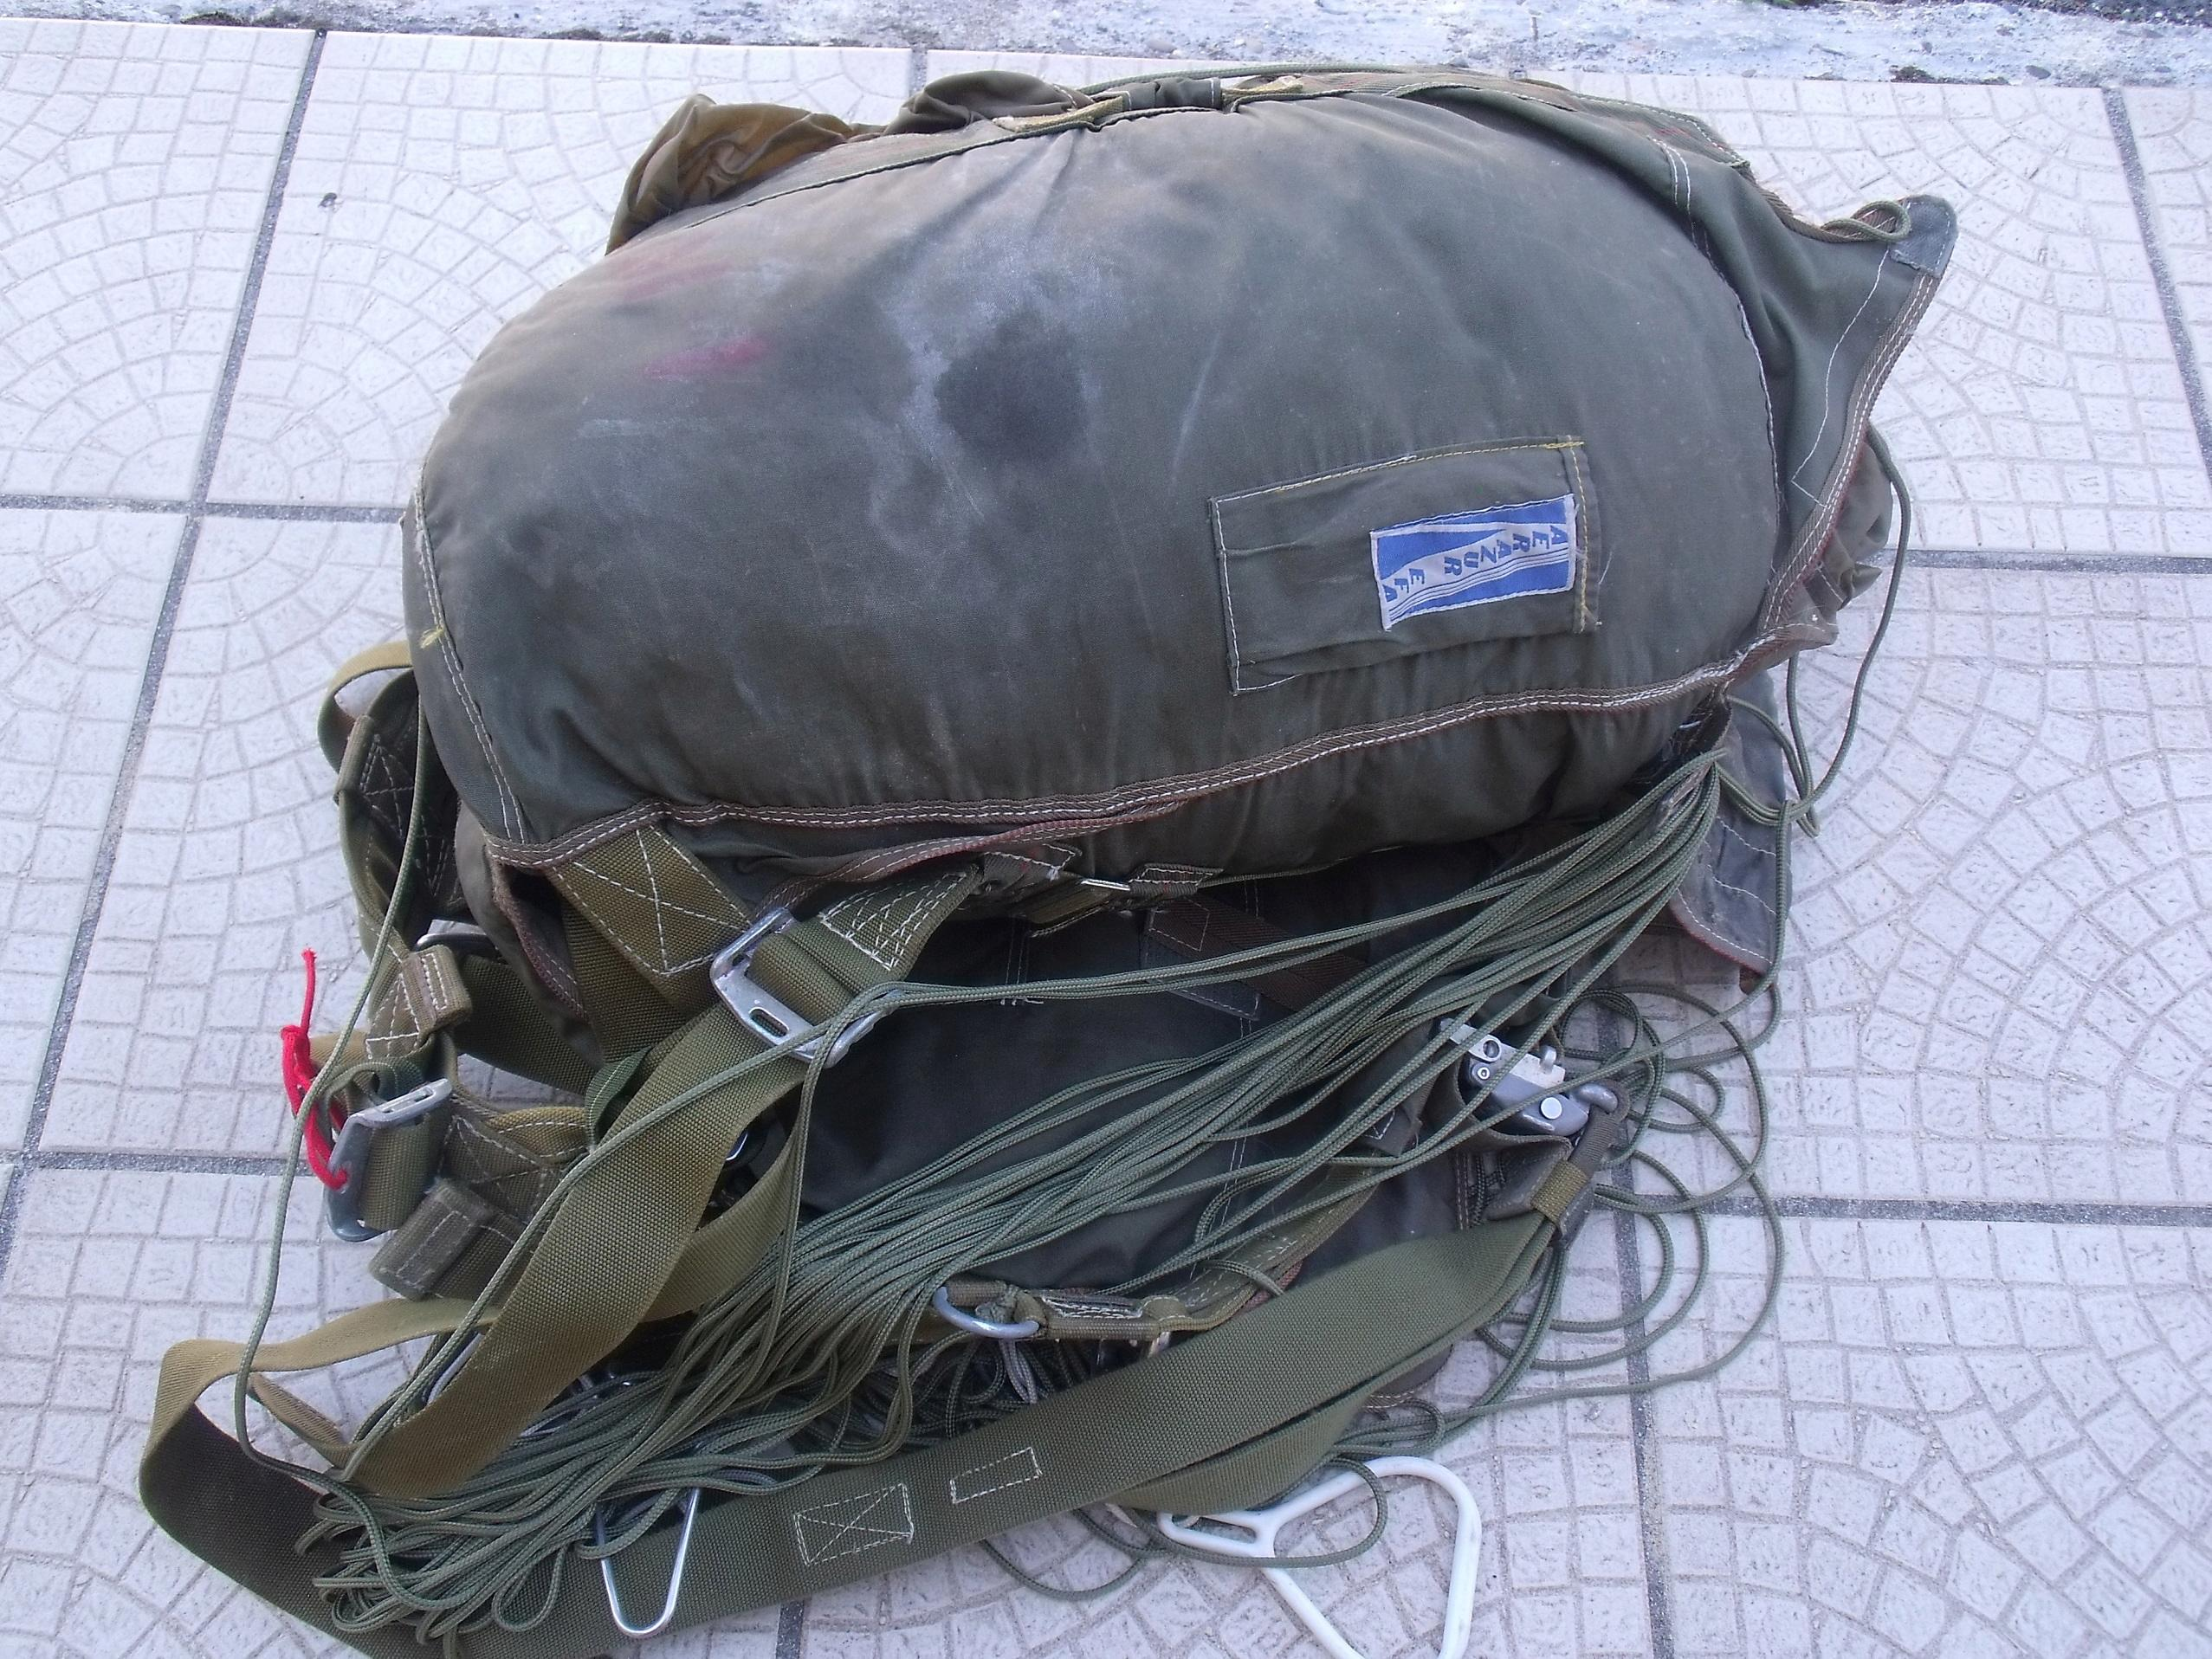 trouvaille parachute AERAZUR  00312